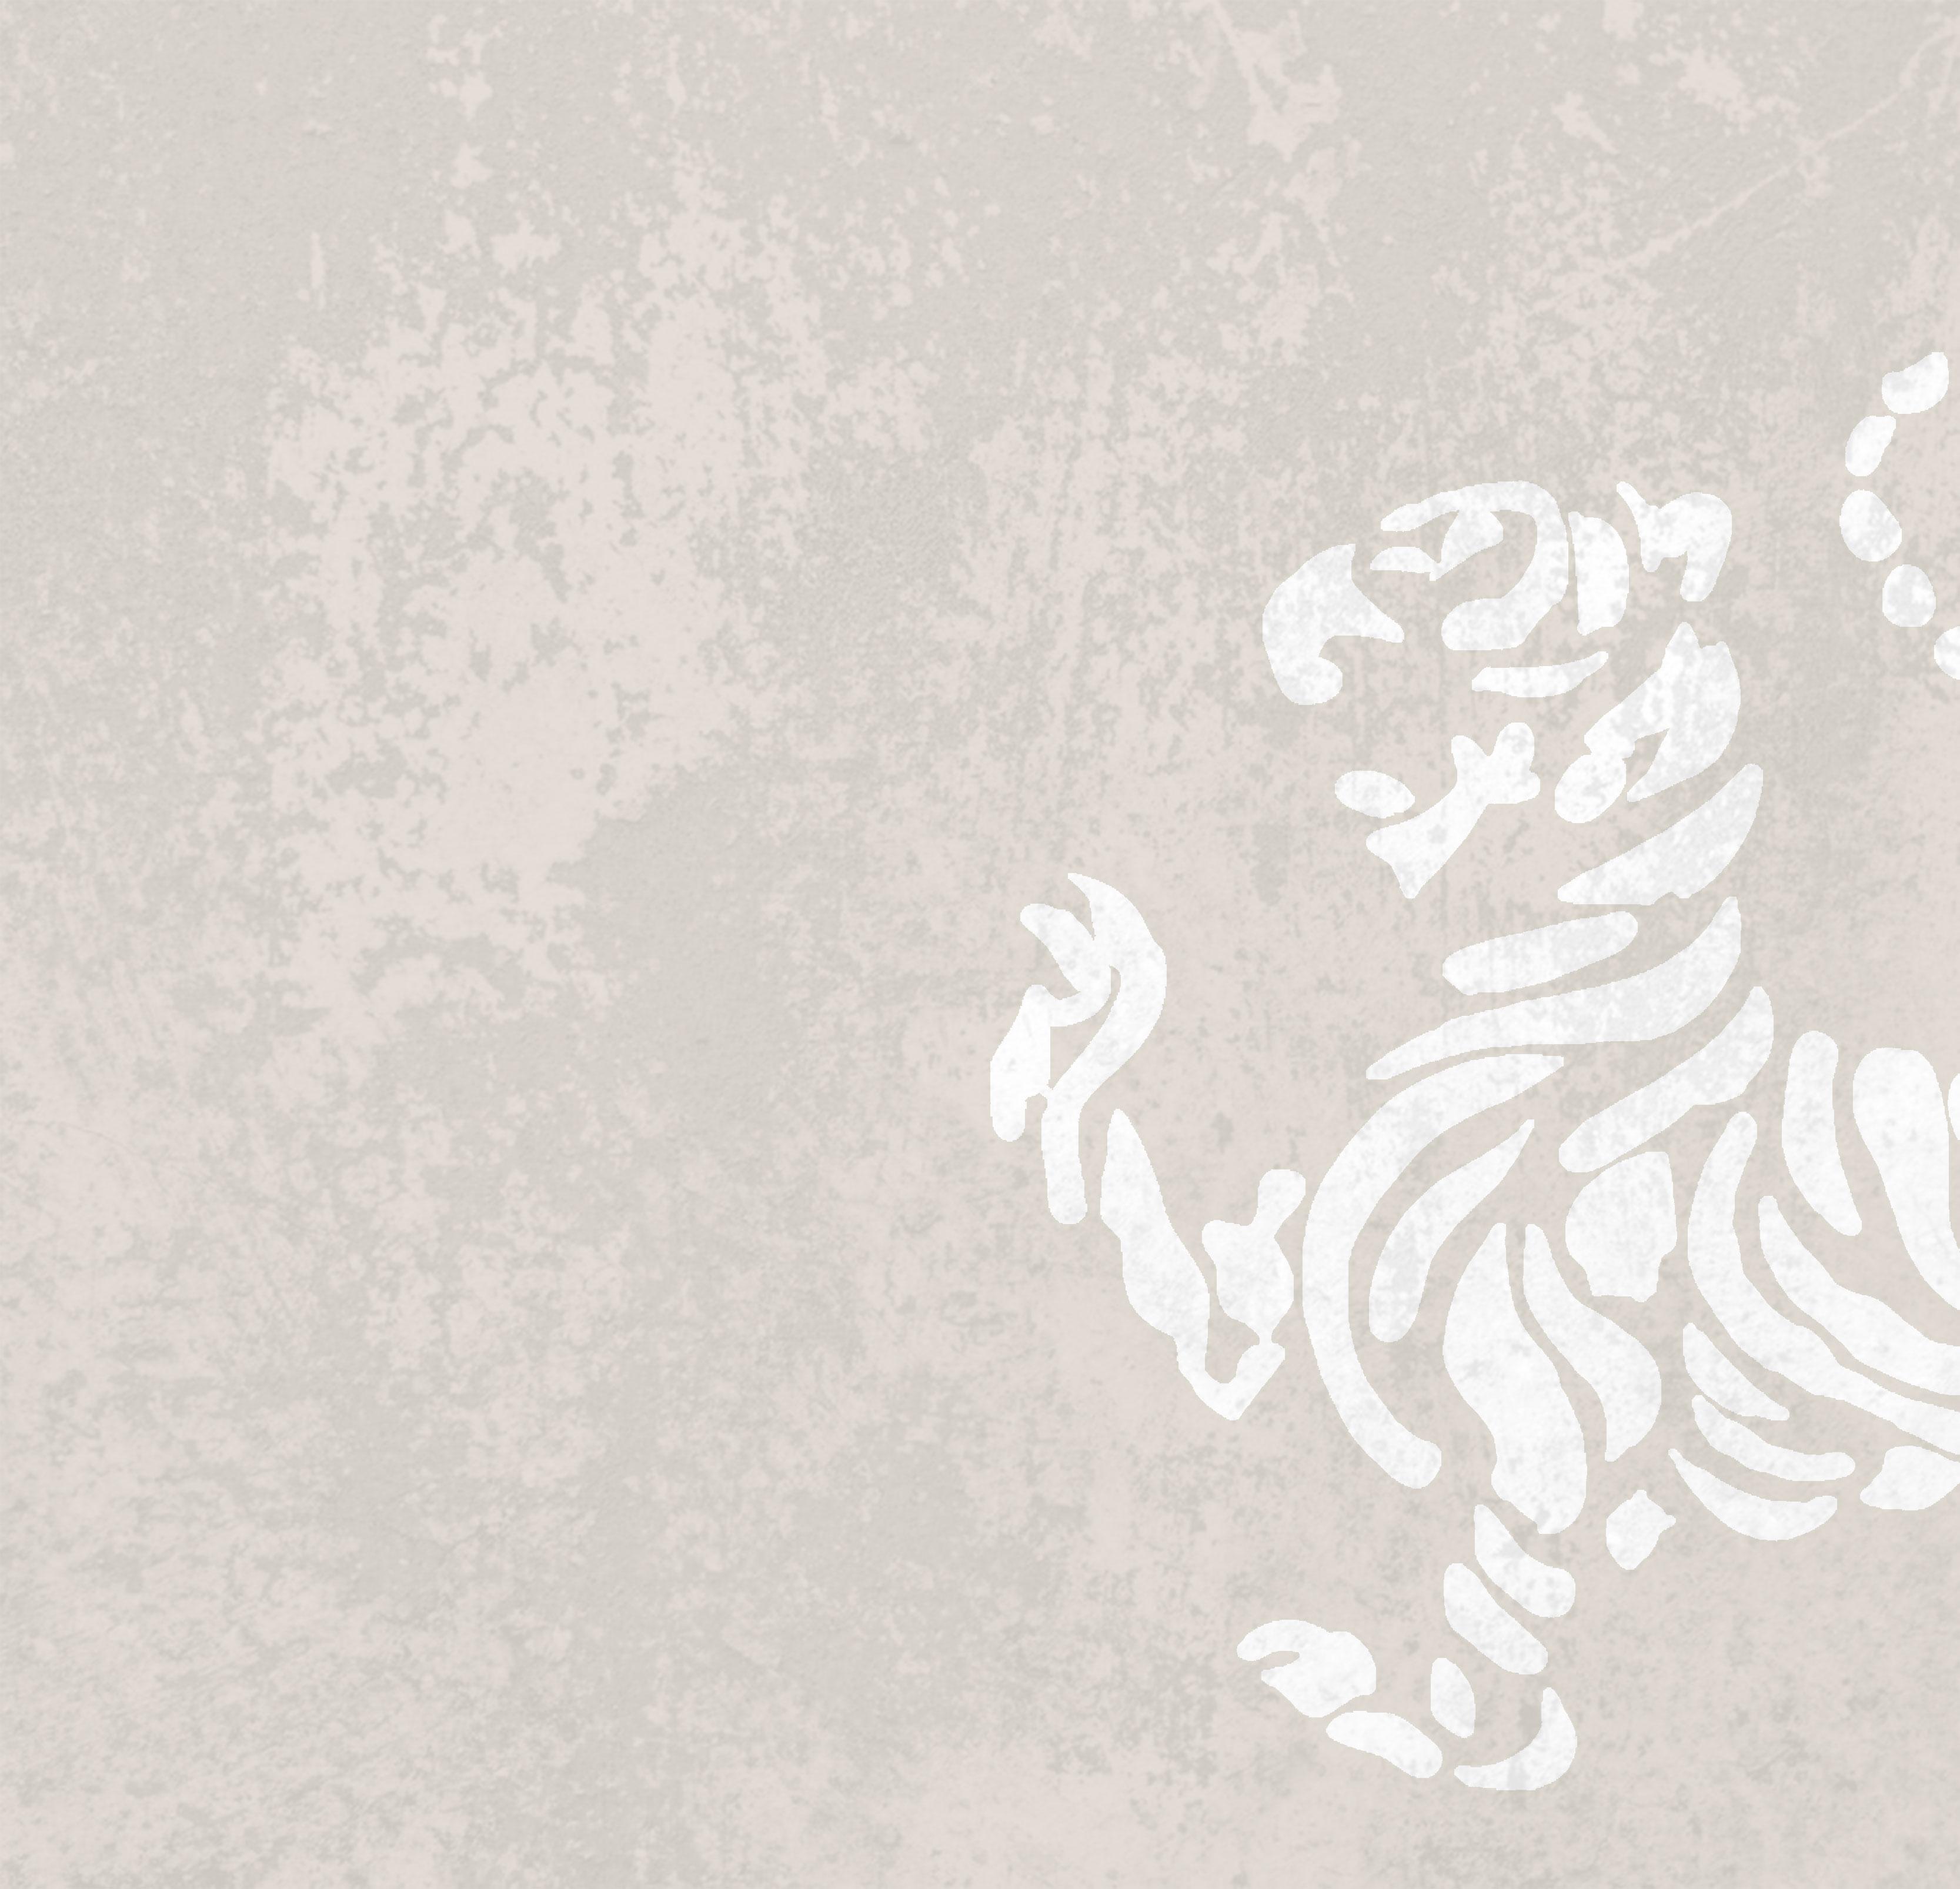 Tigre Shotokan